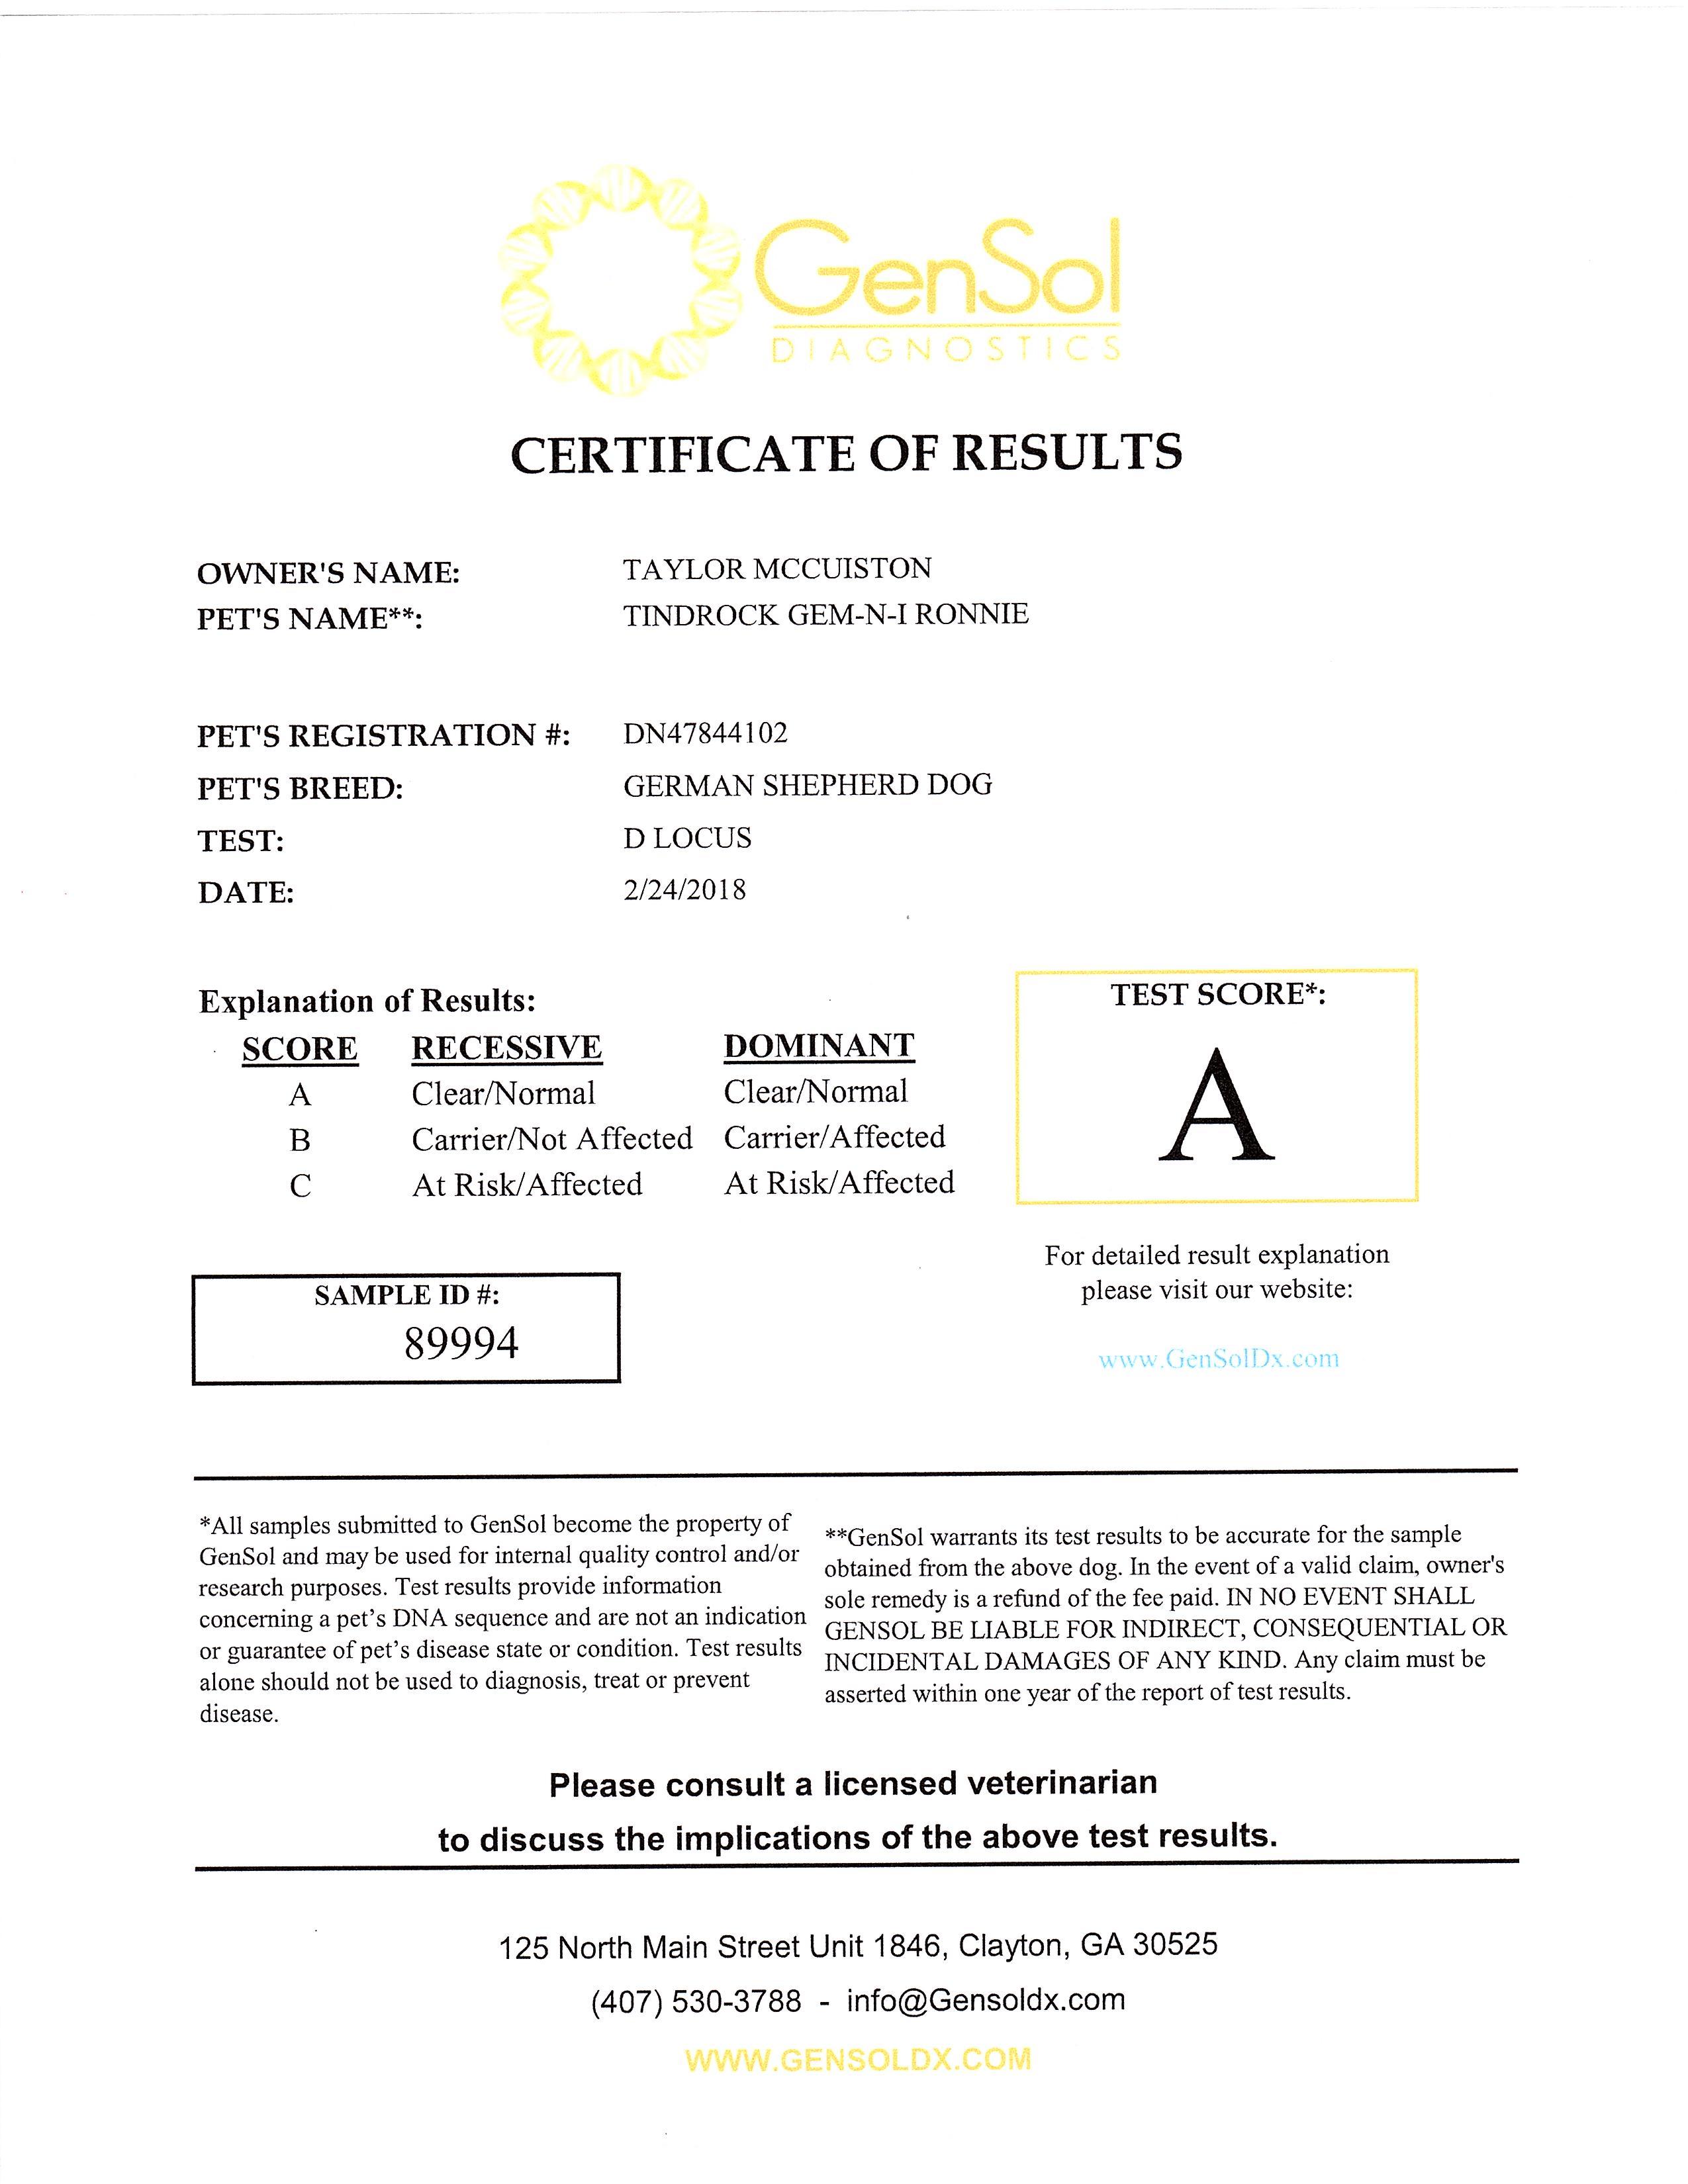 Farrah D Locus Results